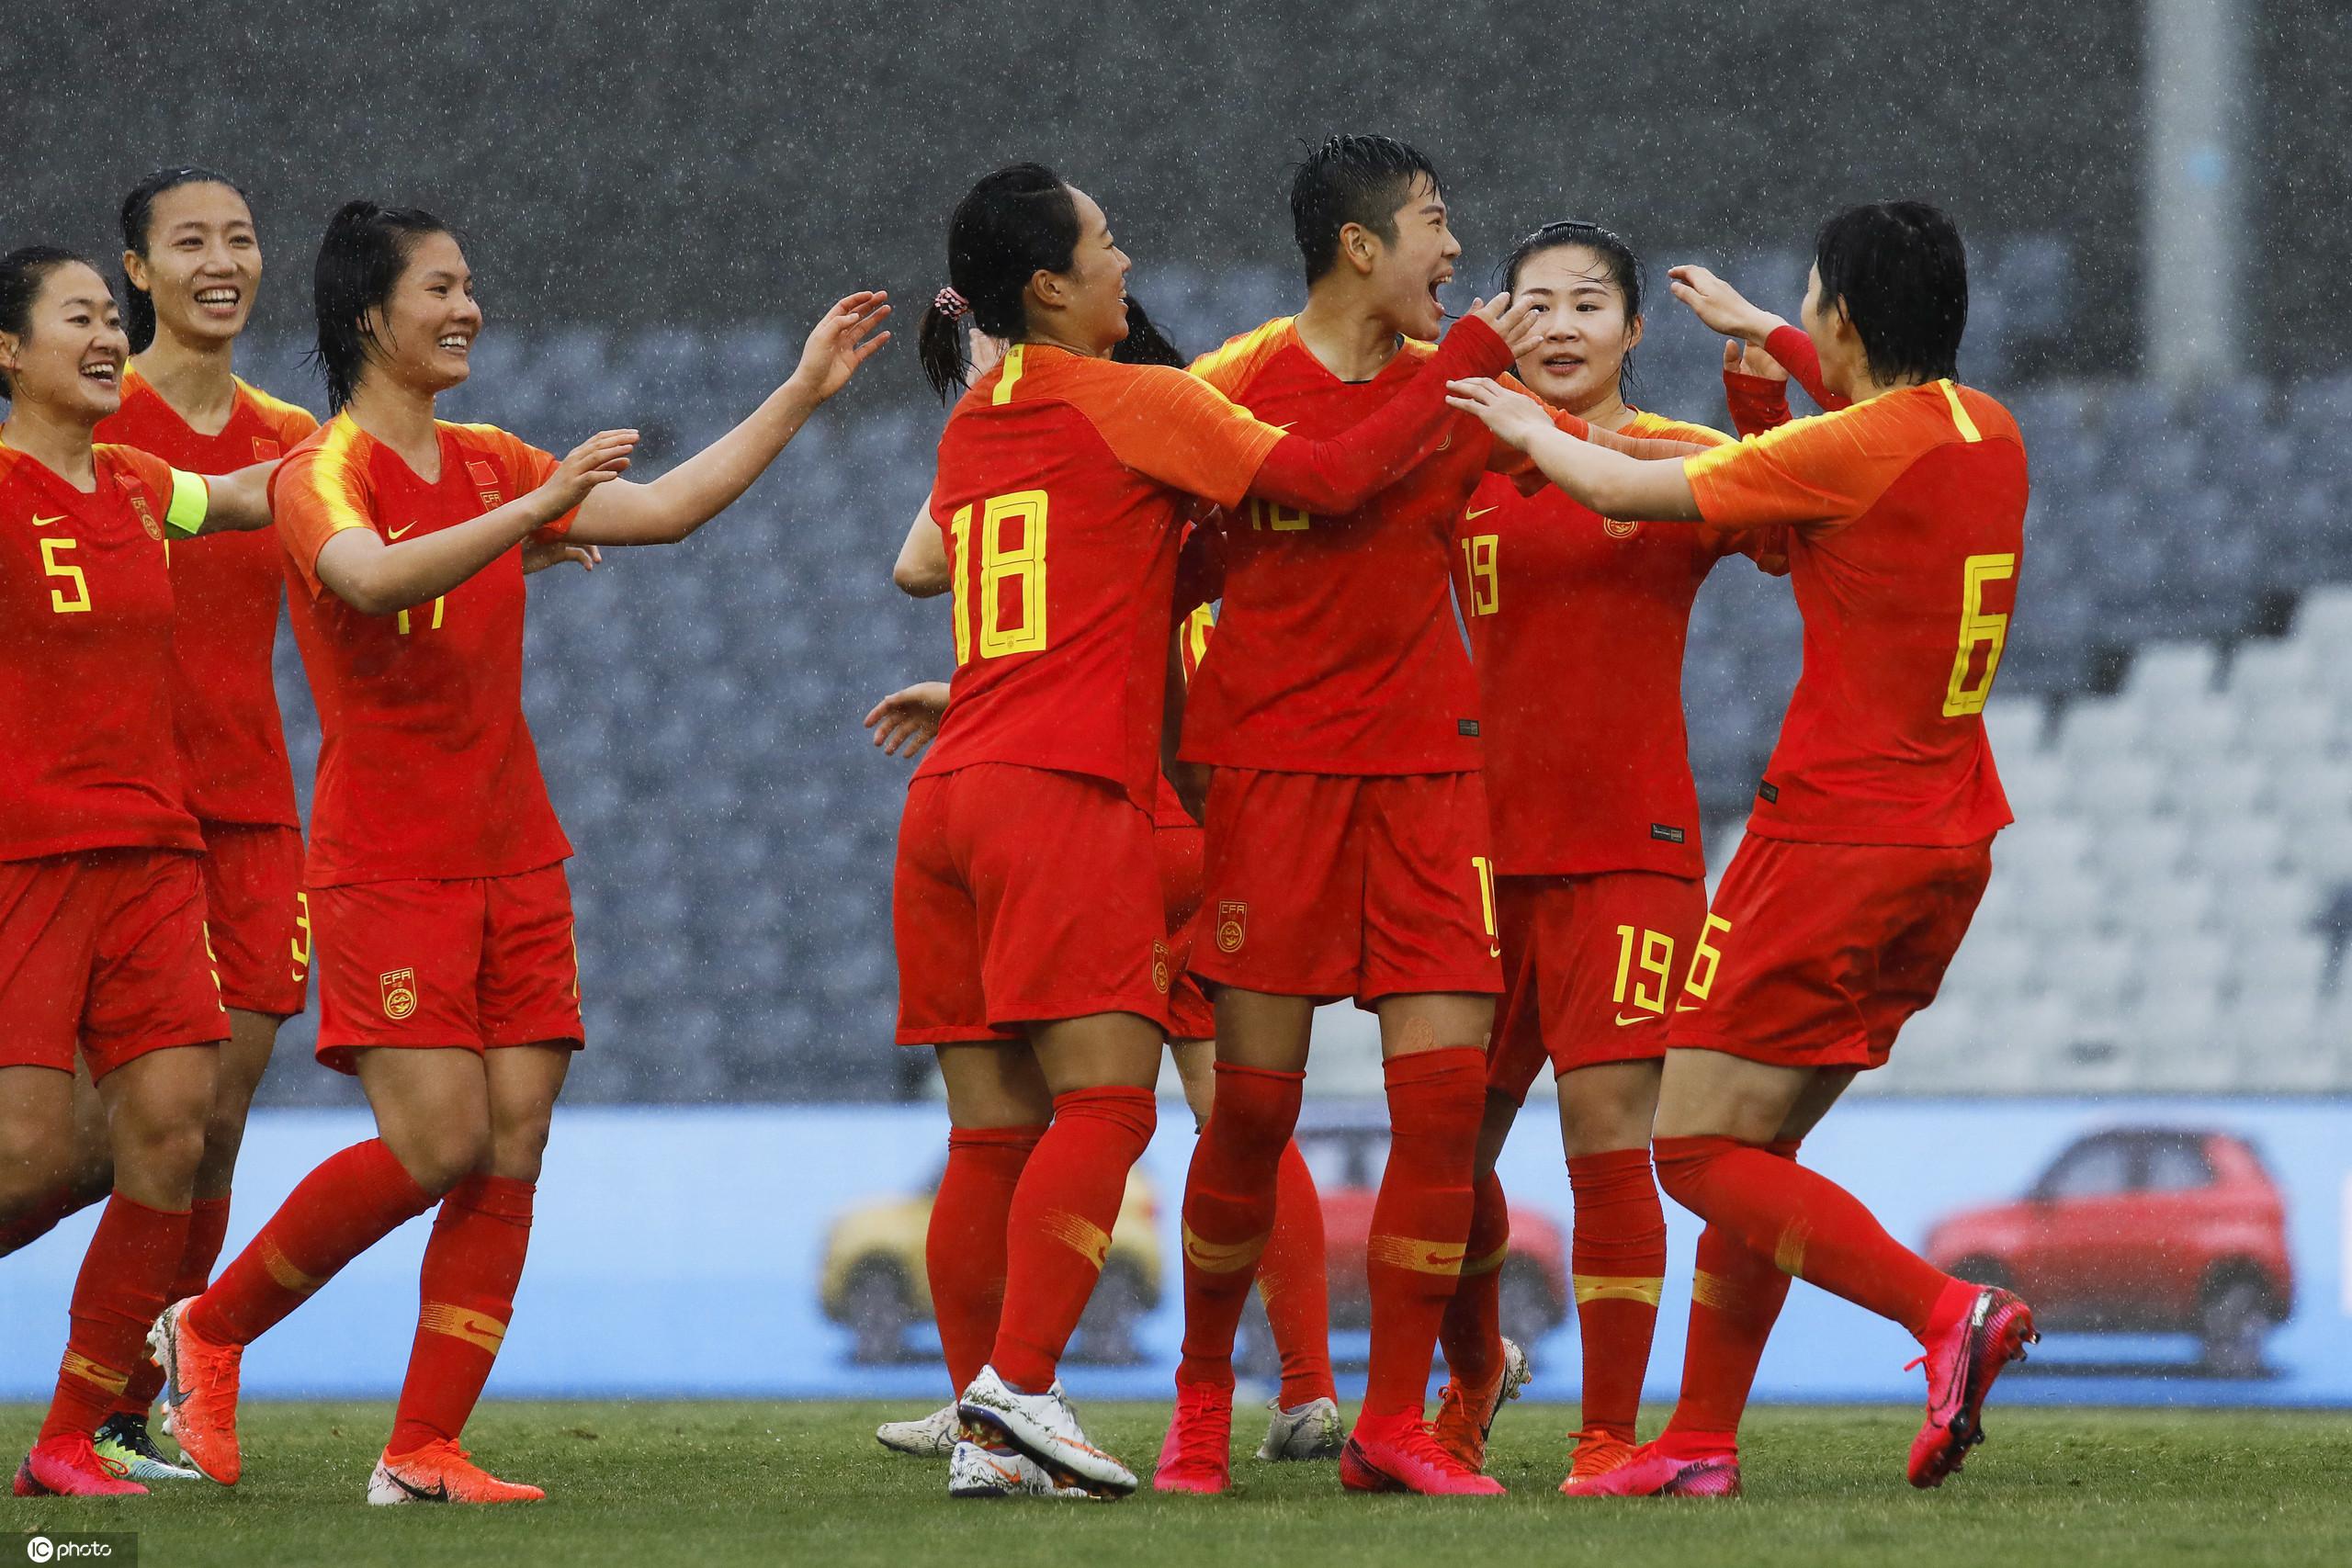 女足奥预赛:李影双响王珊珊破门,中国6-1泰国